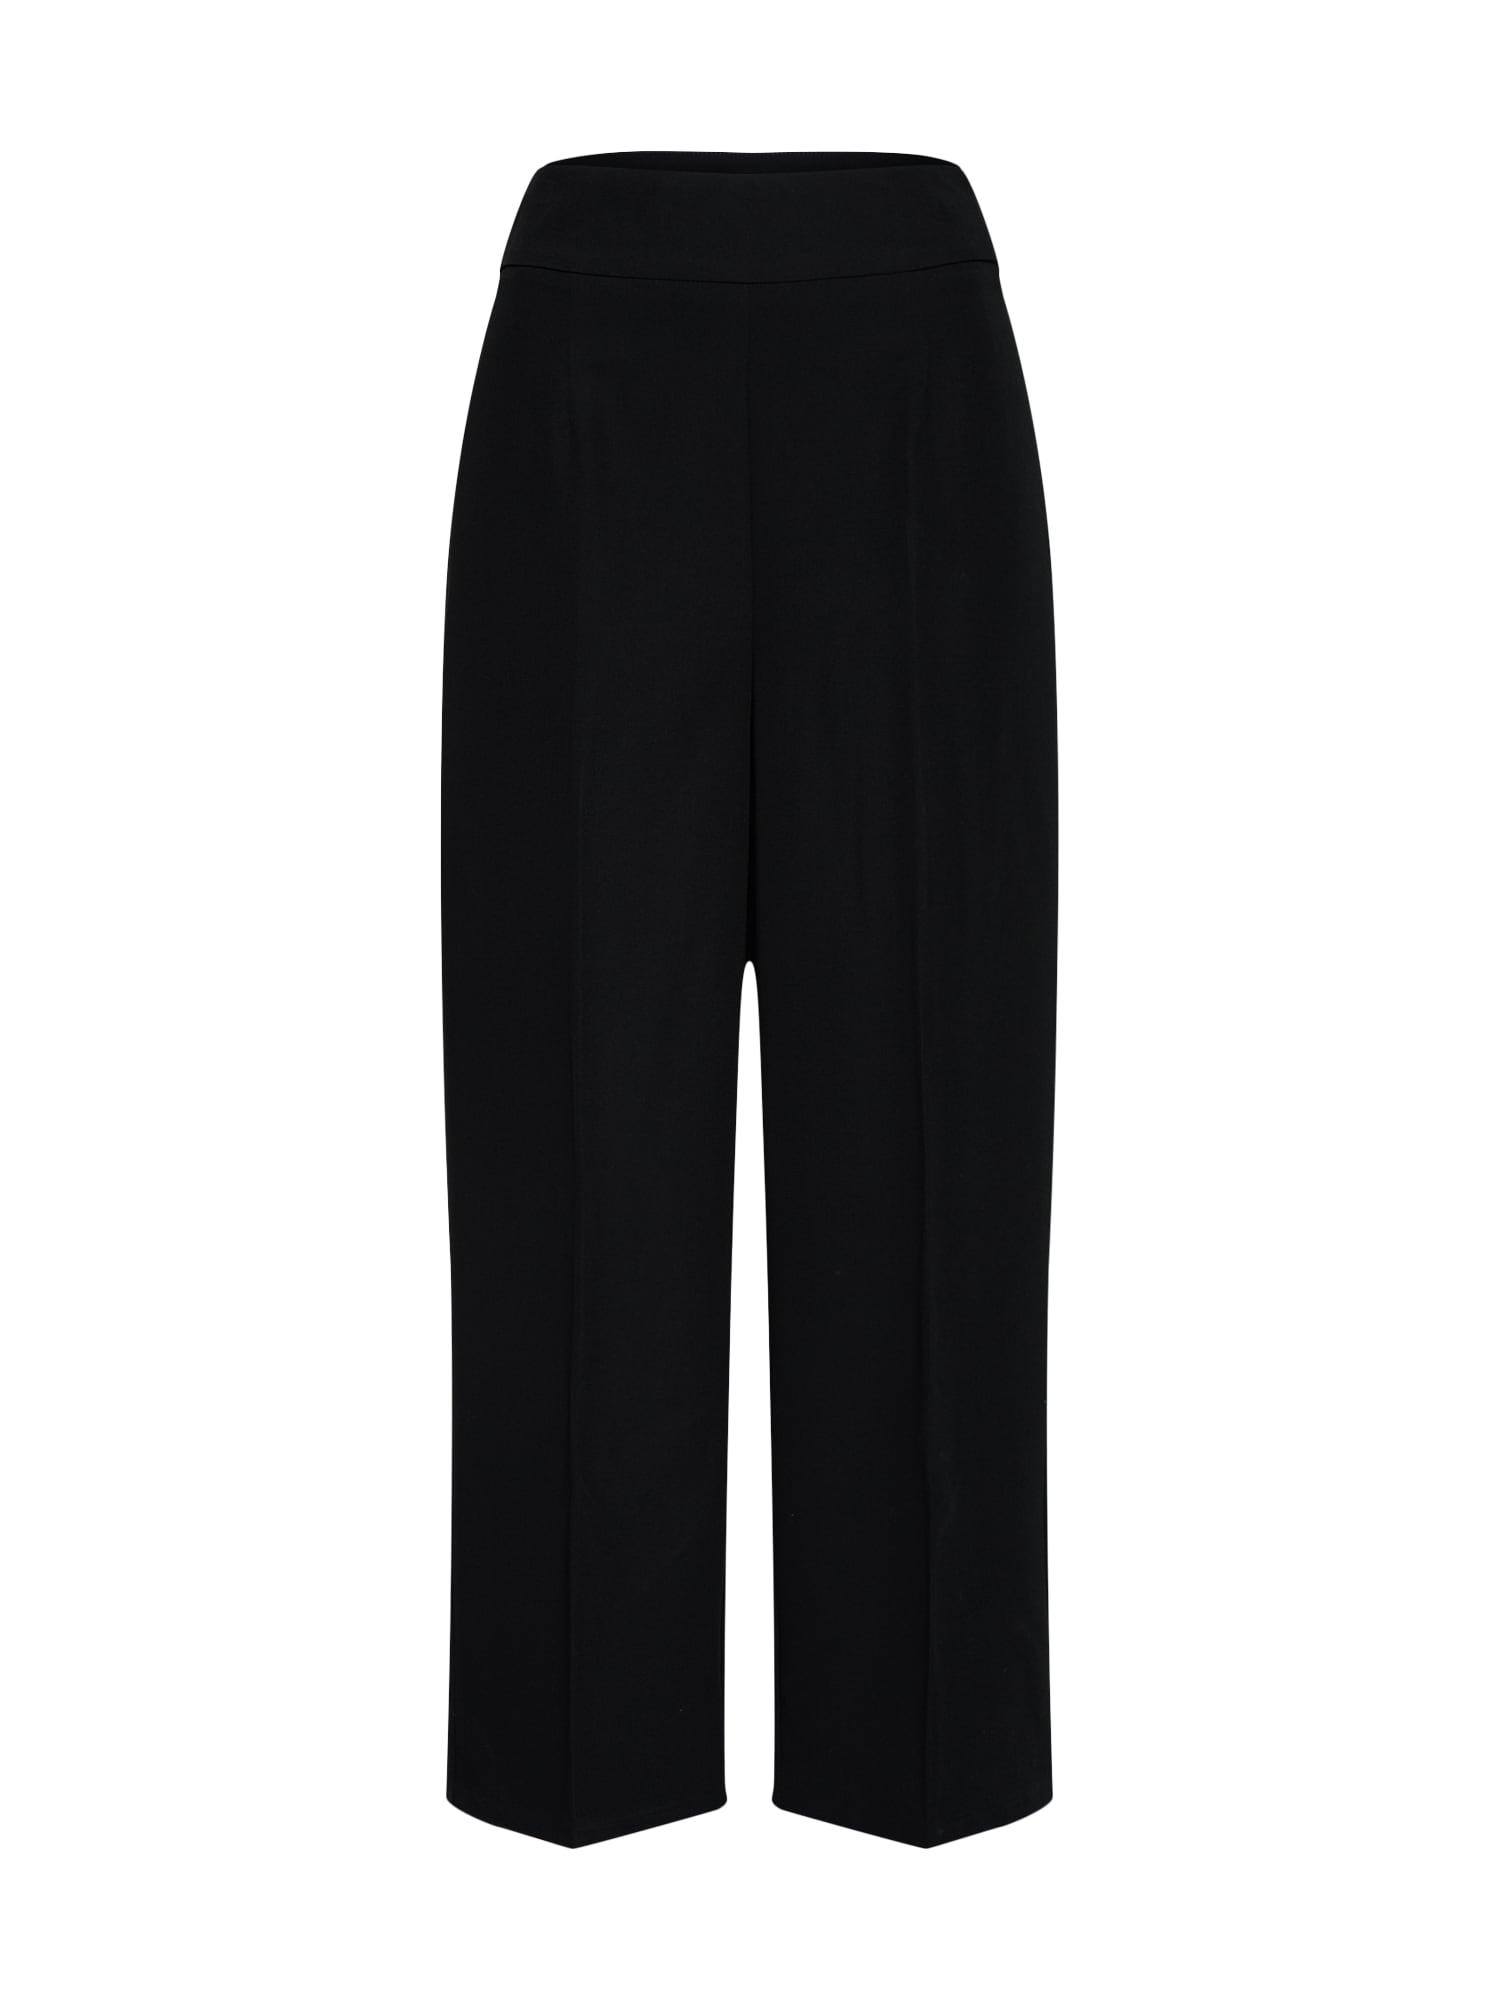 Kalhoty VICONELLA HW černá VILA